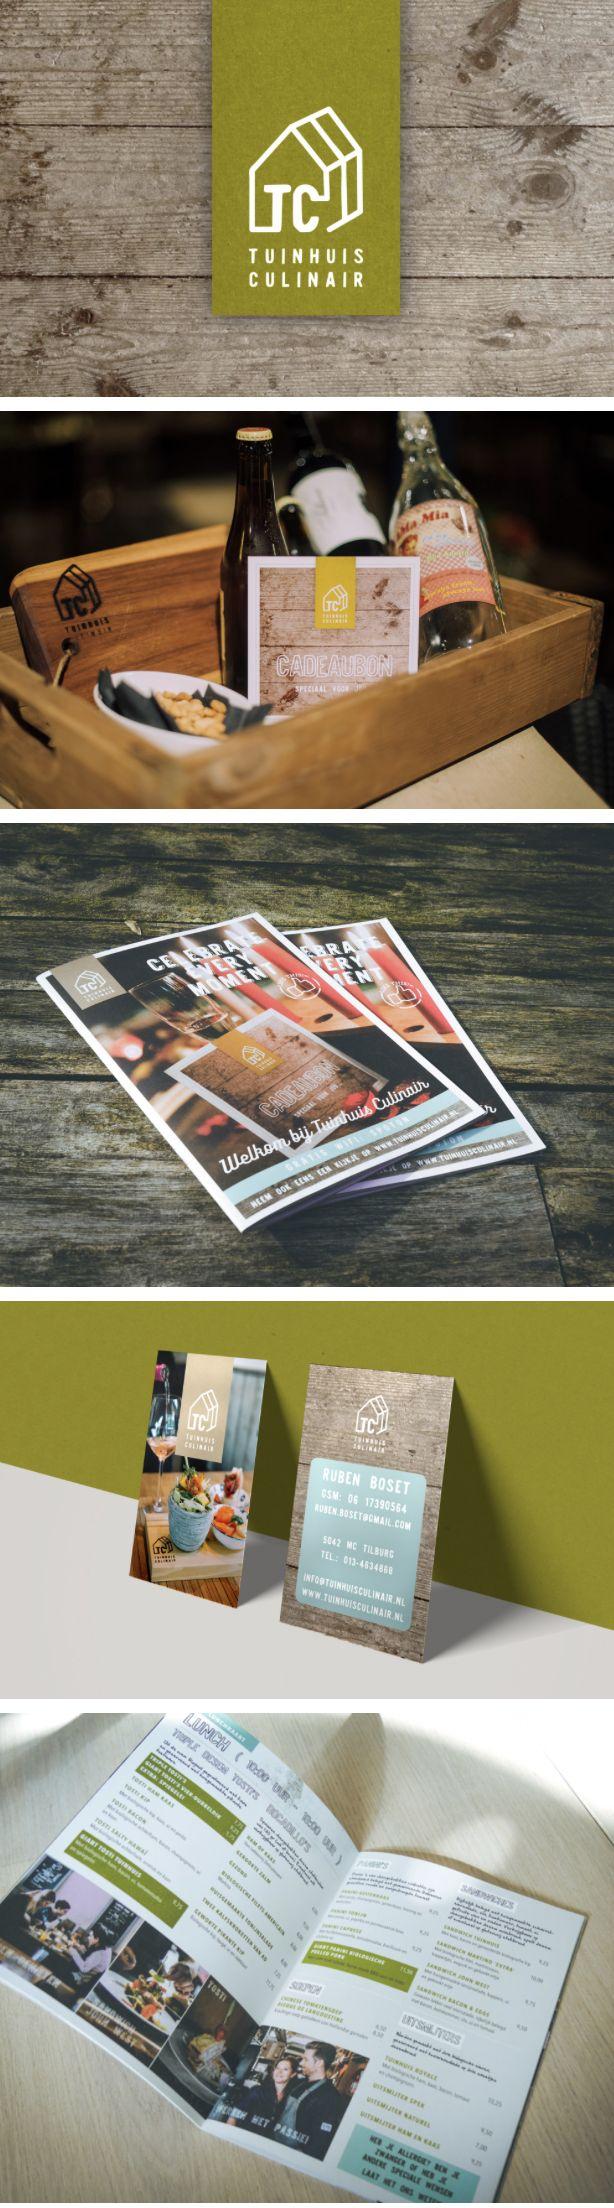 Nieuwe huisstijl: eigentijds, puur en stoer. Tevens vertaald naar onder andere de menukaart, posters en cadeaukaart - door Juli Ontwerpburo